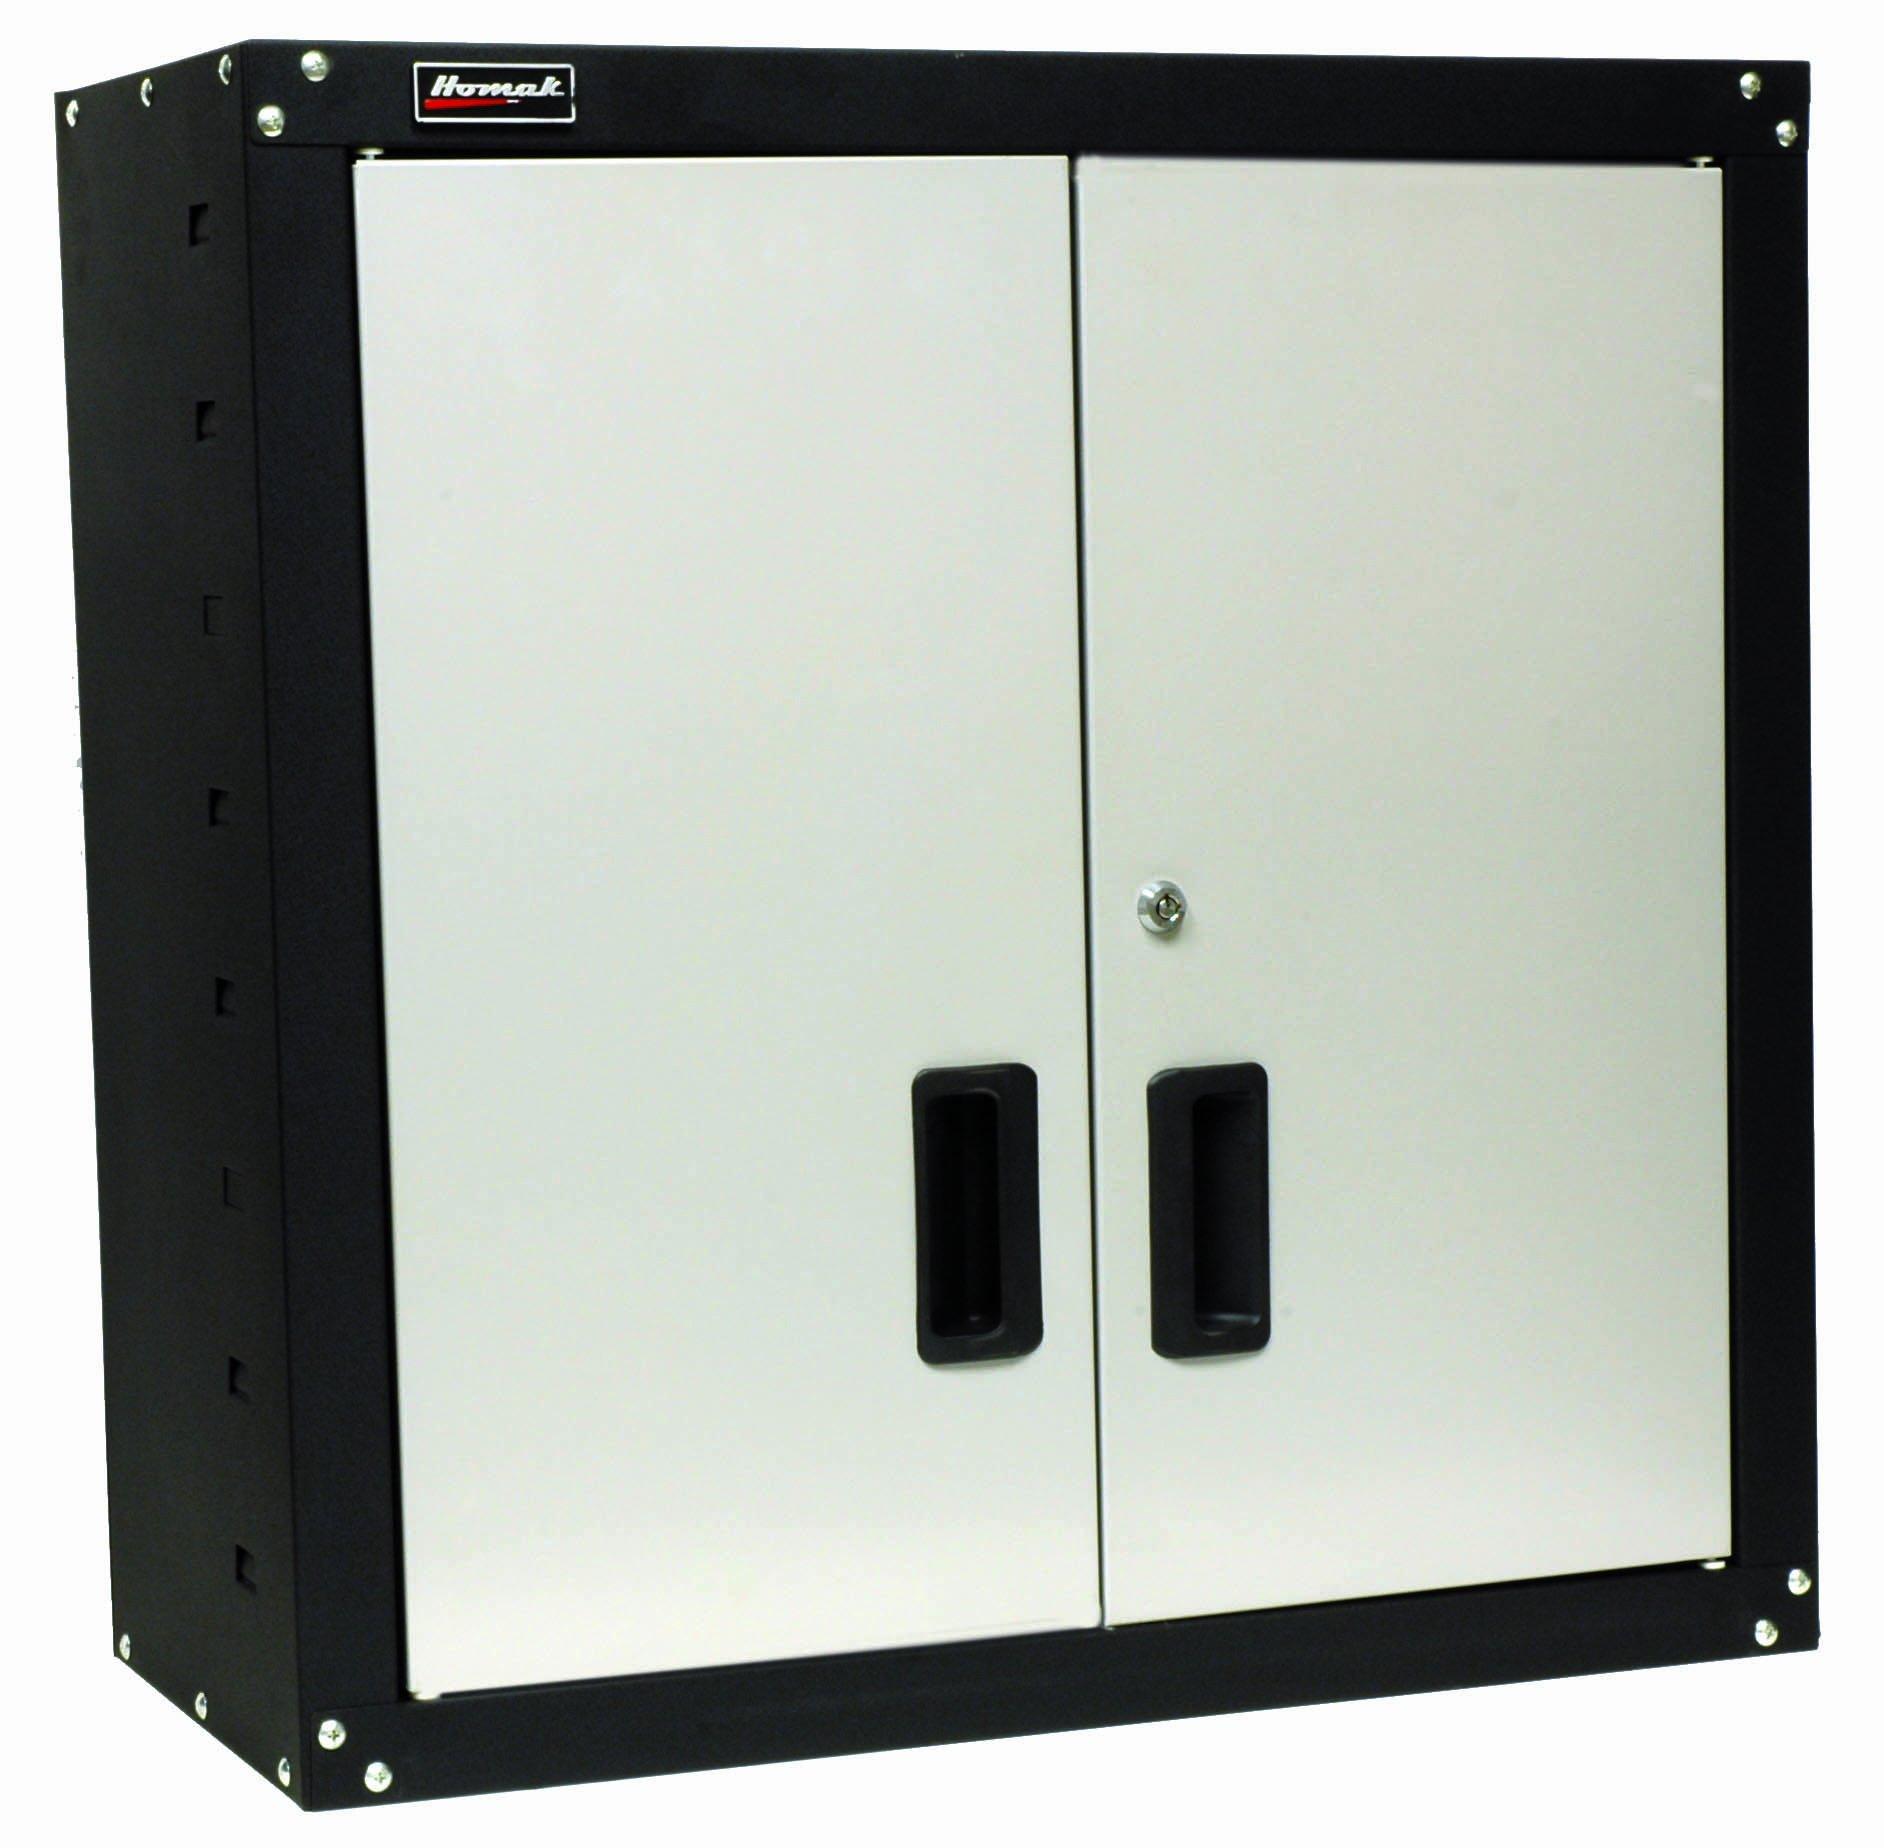 7137rN0uF L - Homak 2 Door Wall Cabinet with 2 Shelves, Steel, GS00727021